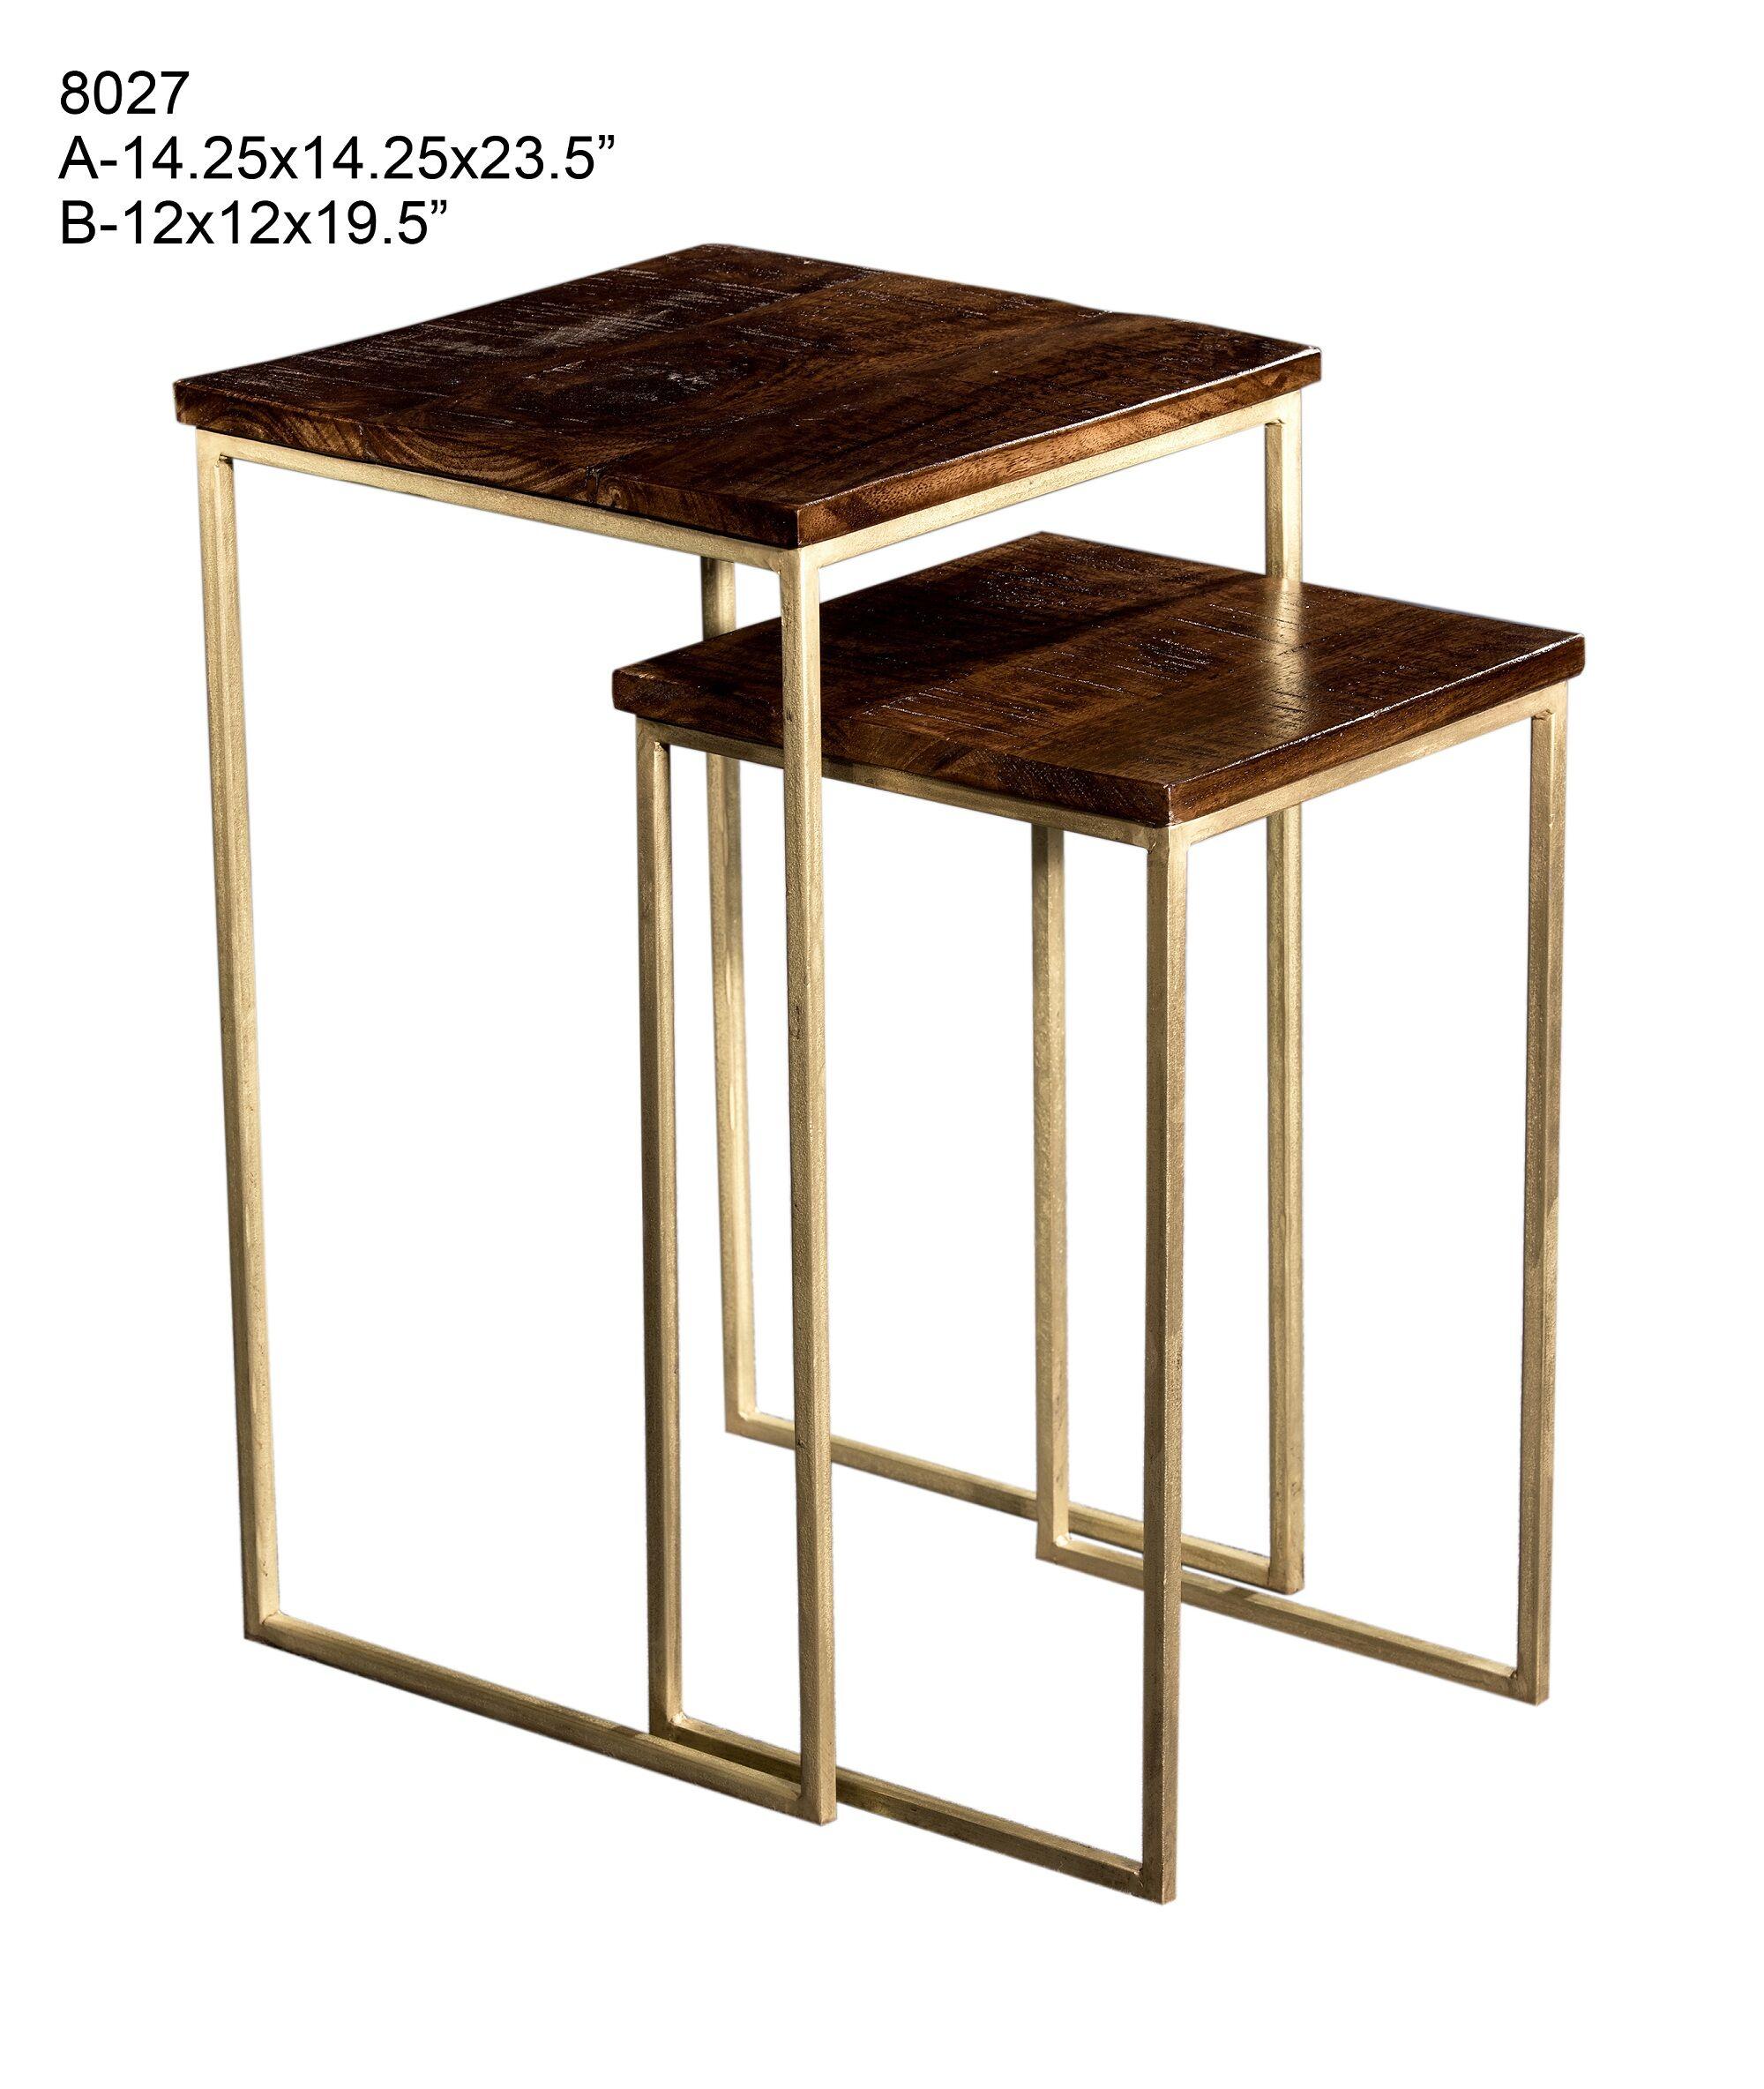 Eudora 2 Piece Nesting Tables